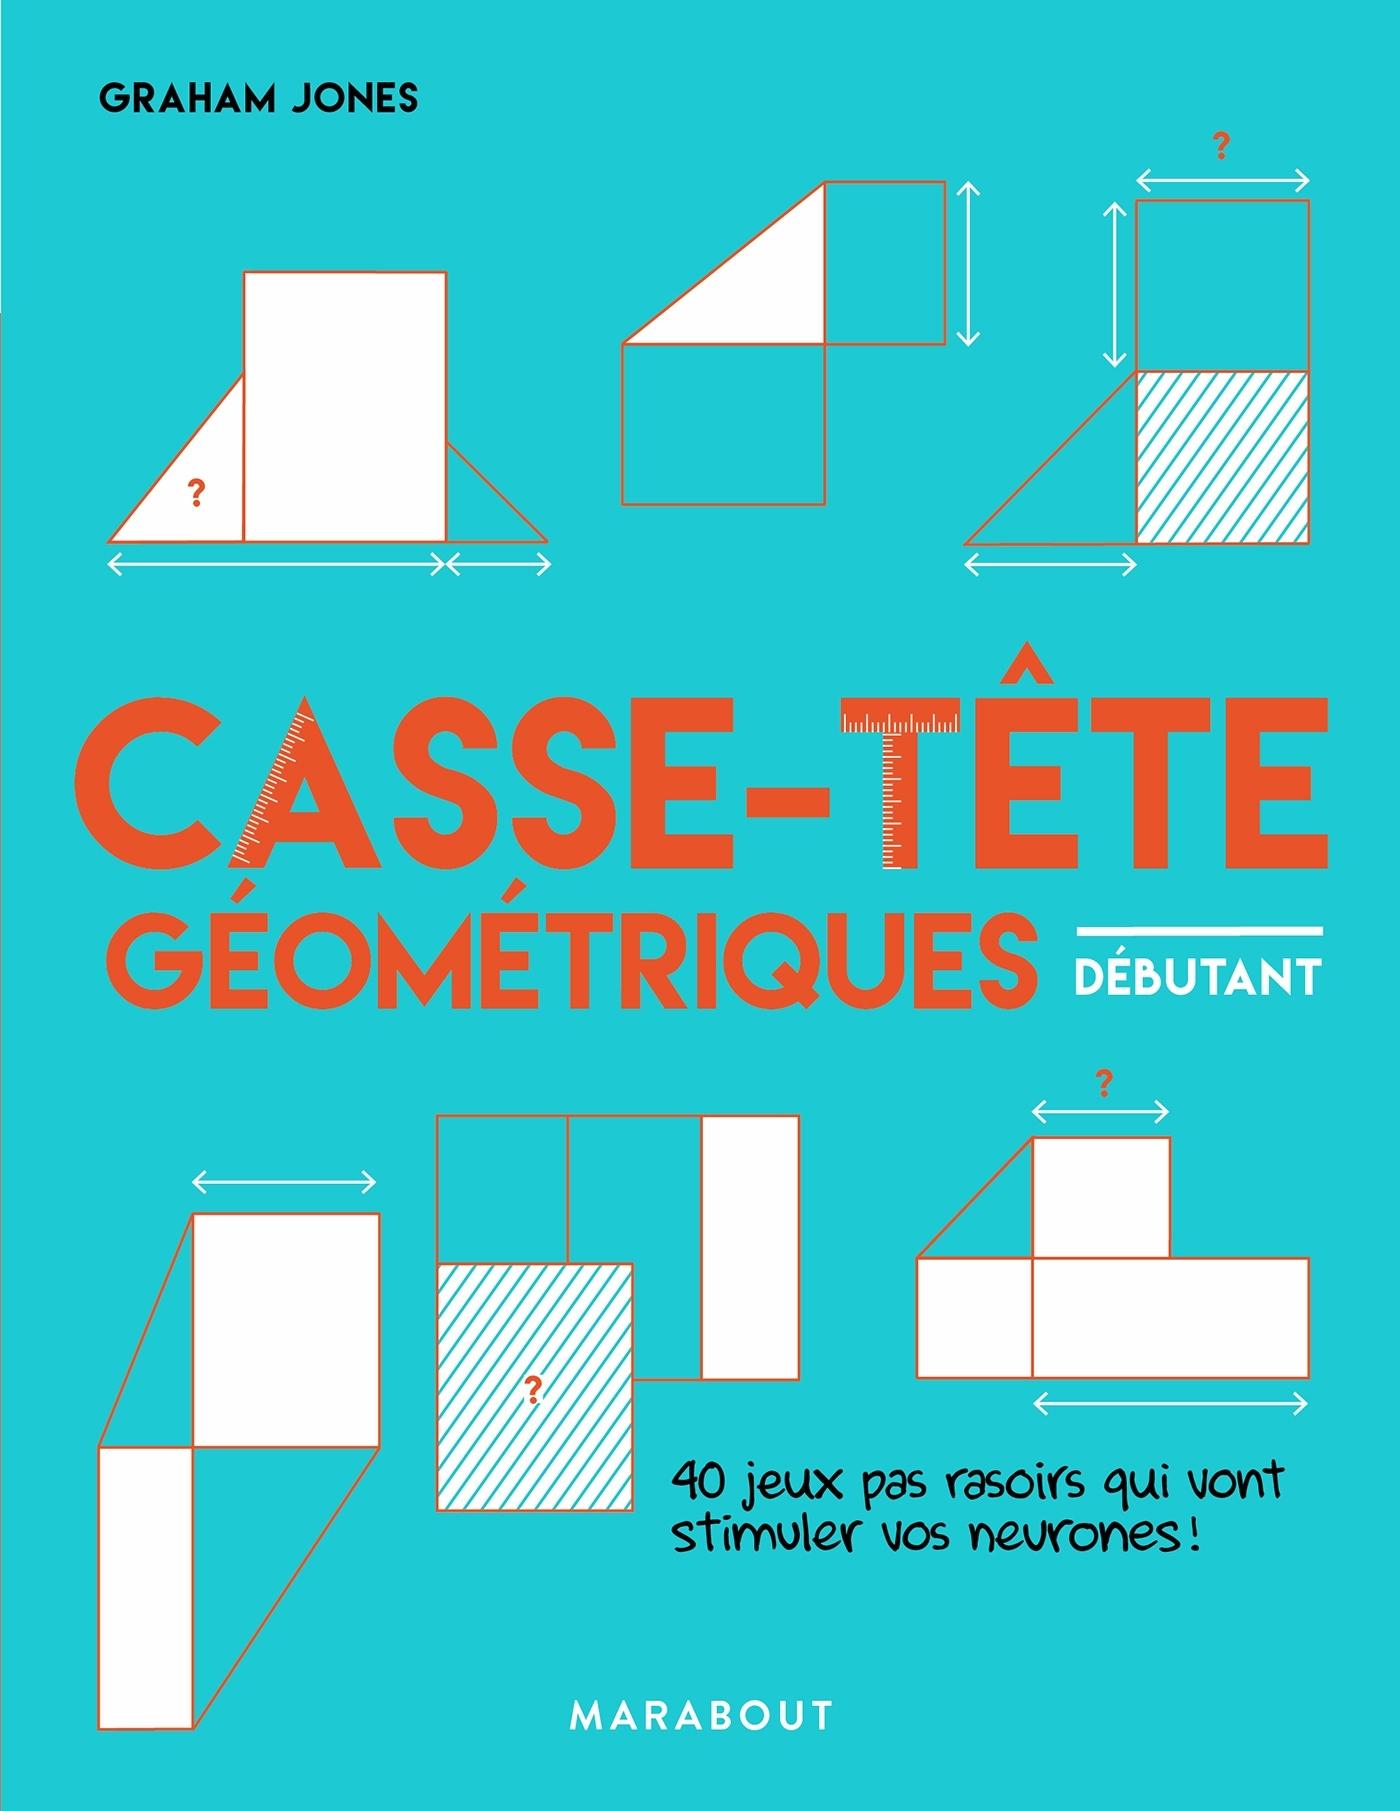 CASSE-TETE GEOMETRIQUE - DEBUTANT